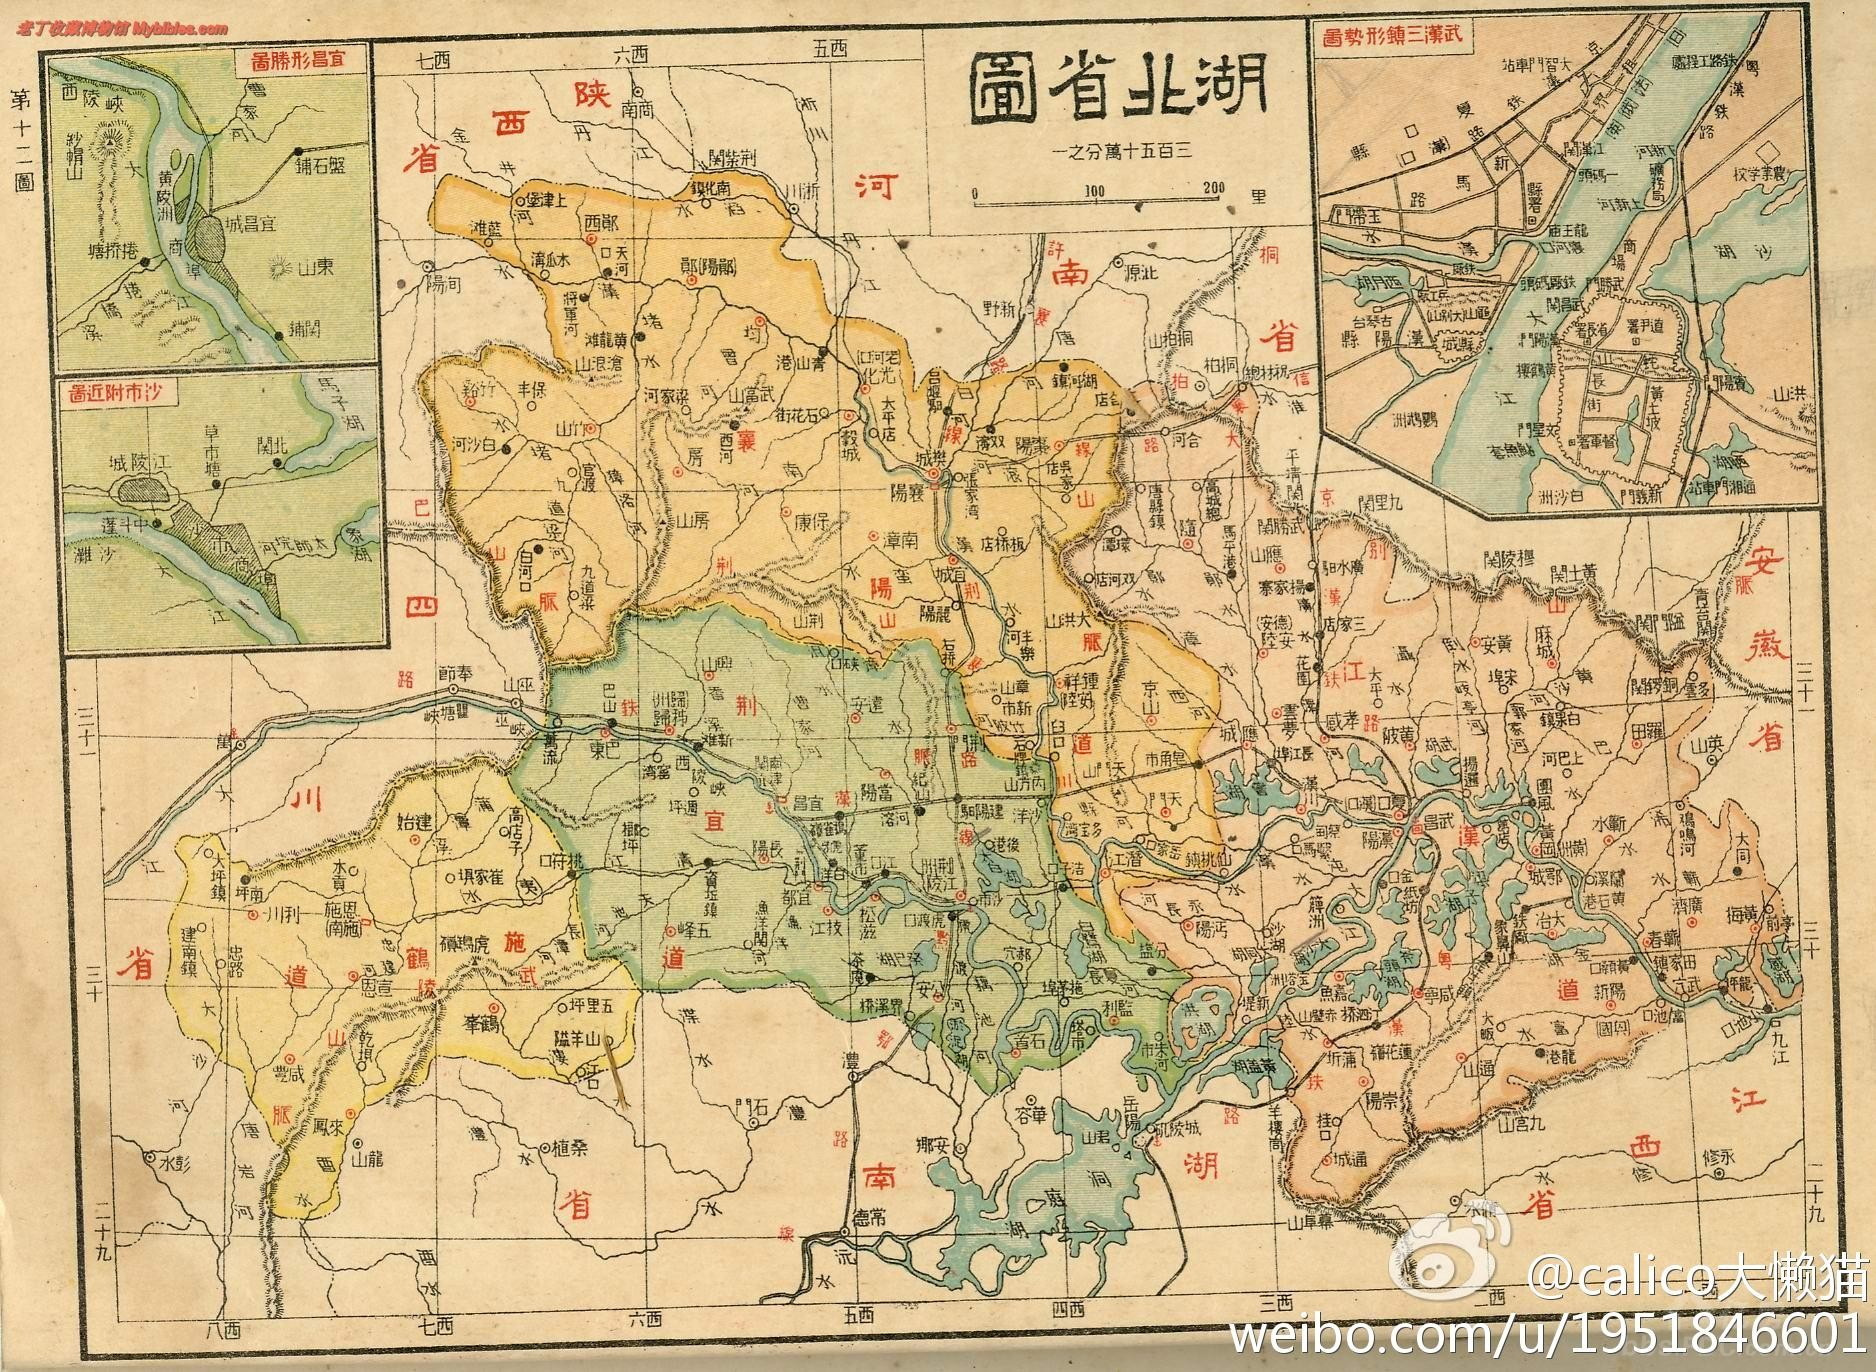 民国时期湖北地图,重点是地图上有宜昌城区略图